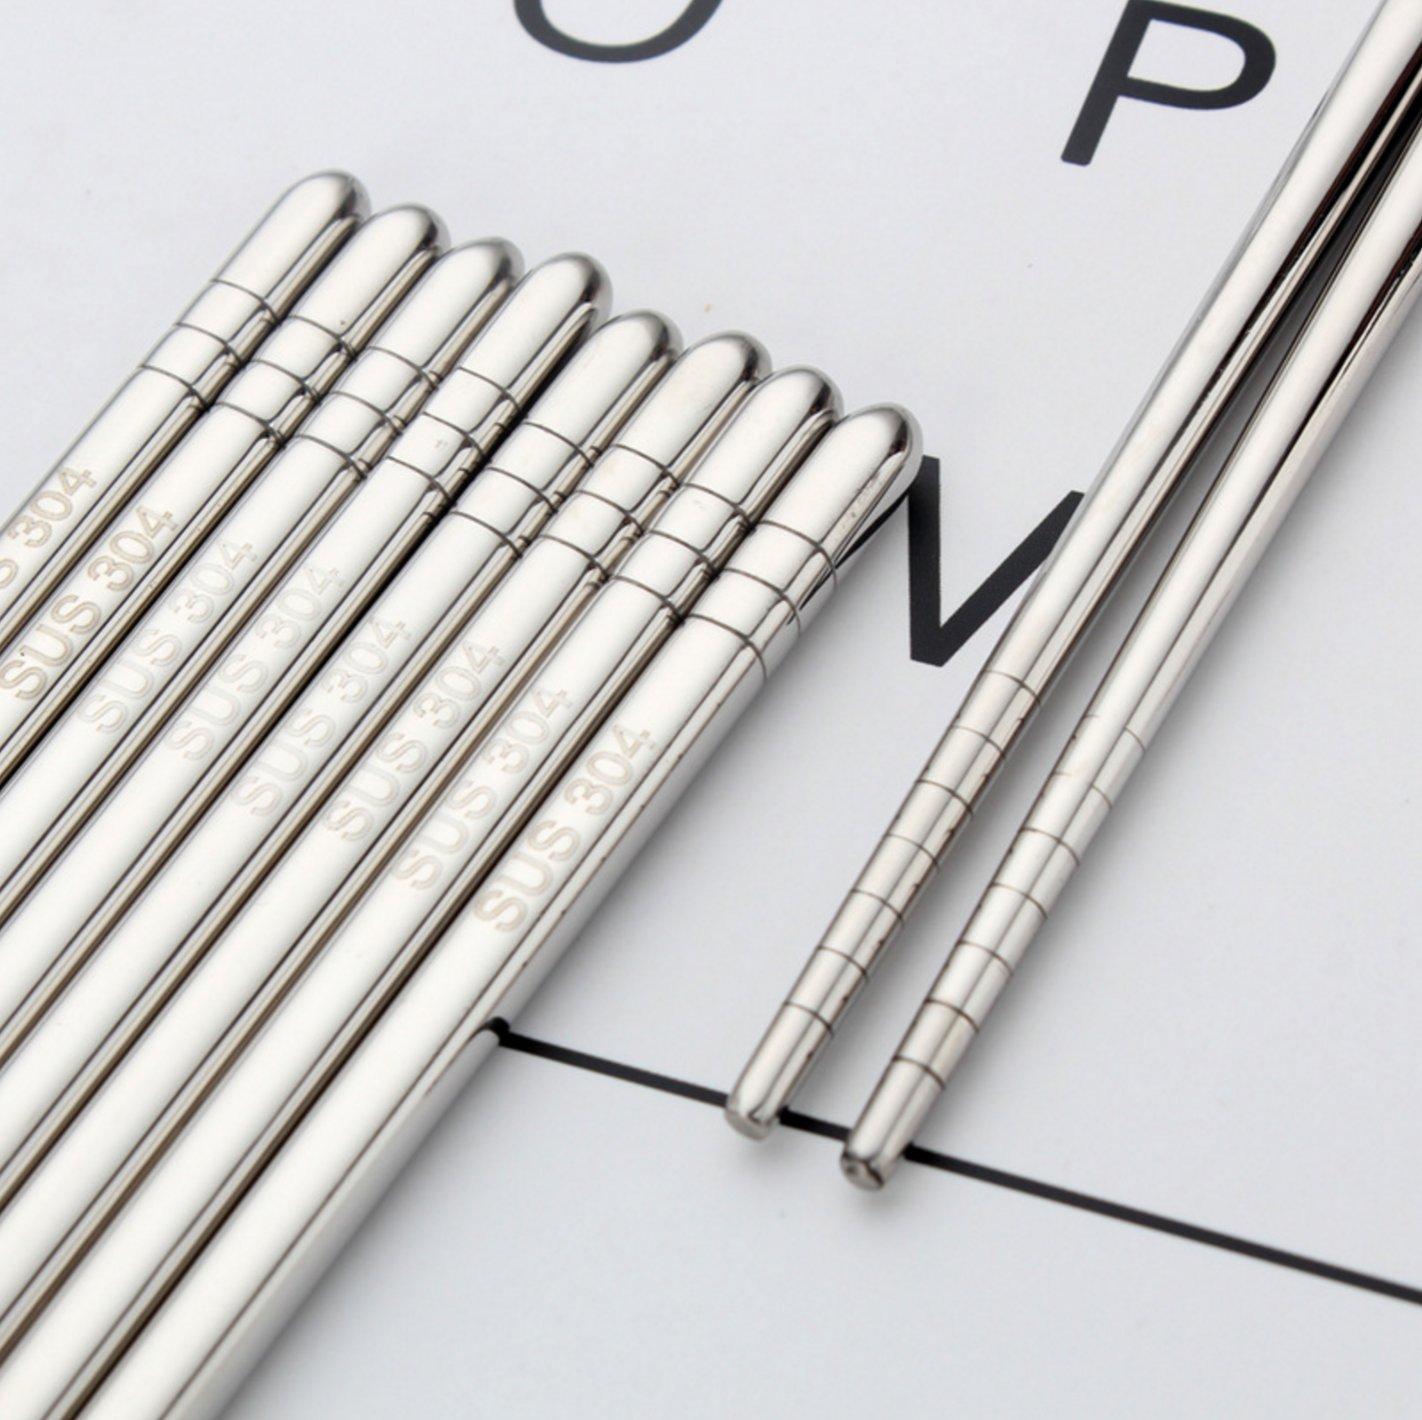 Kitchen Art Chopsticks Stainless Steel 10 Pairs Vacuum Hollow Non-slip, 304 stainless steel chopsticks square by Bniweim